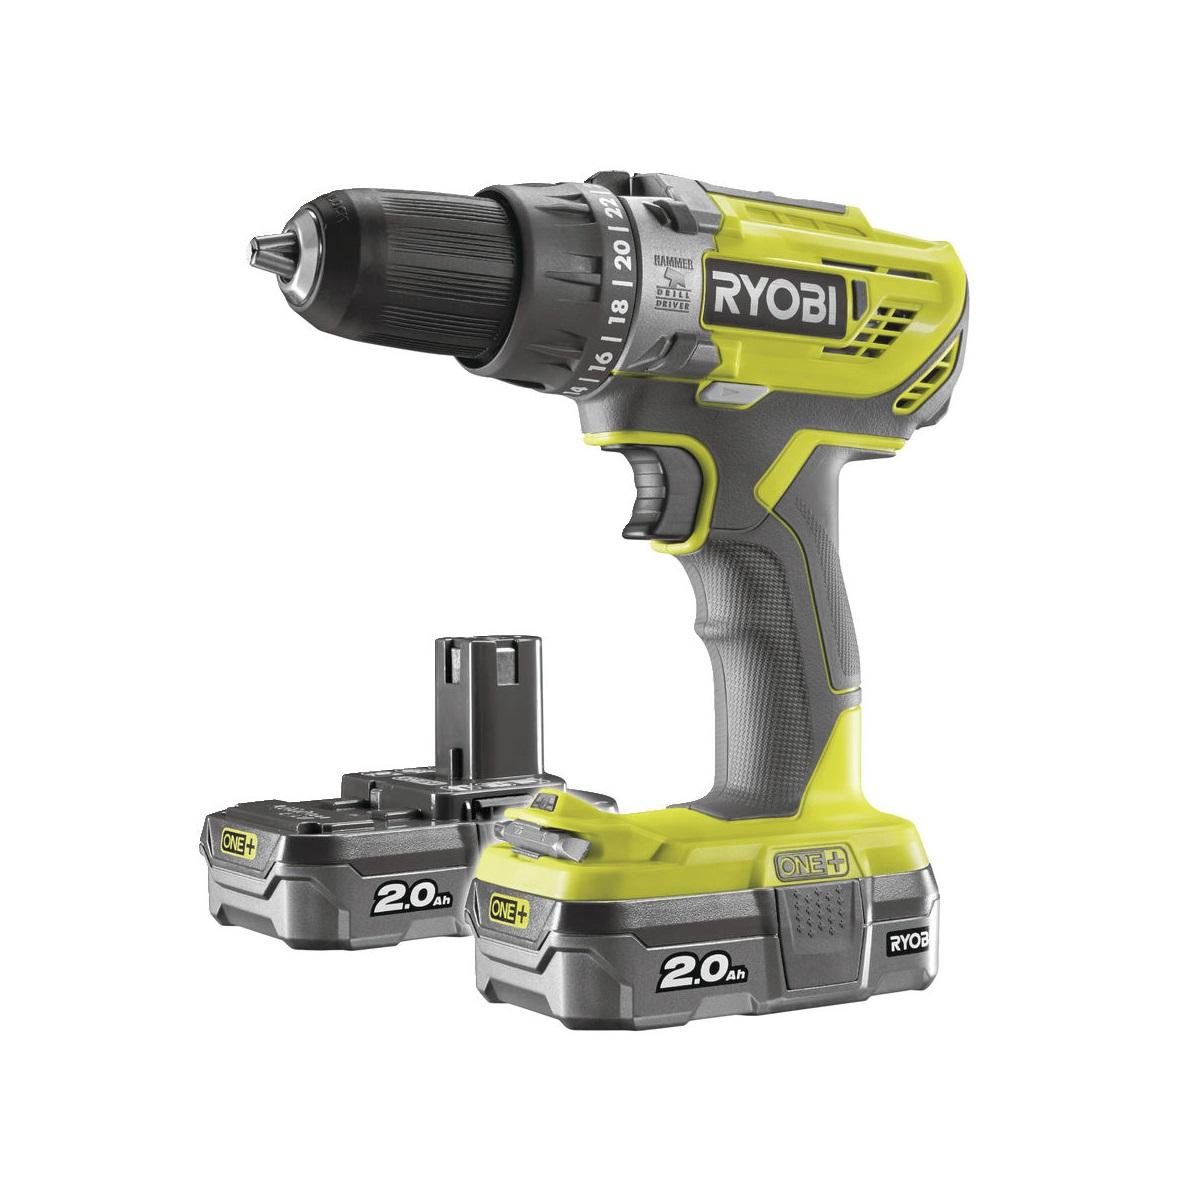 Ryobi R18PD3-220S, aku 18 V vrtačka + 2x baterie 2 Ah + nabíječka ONE+